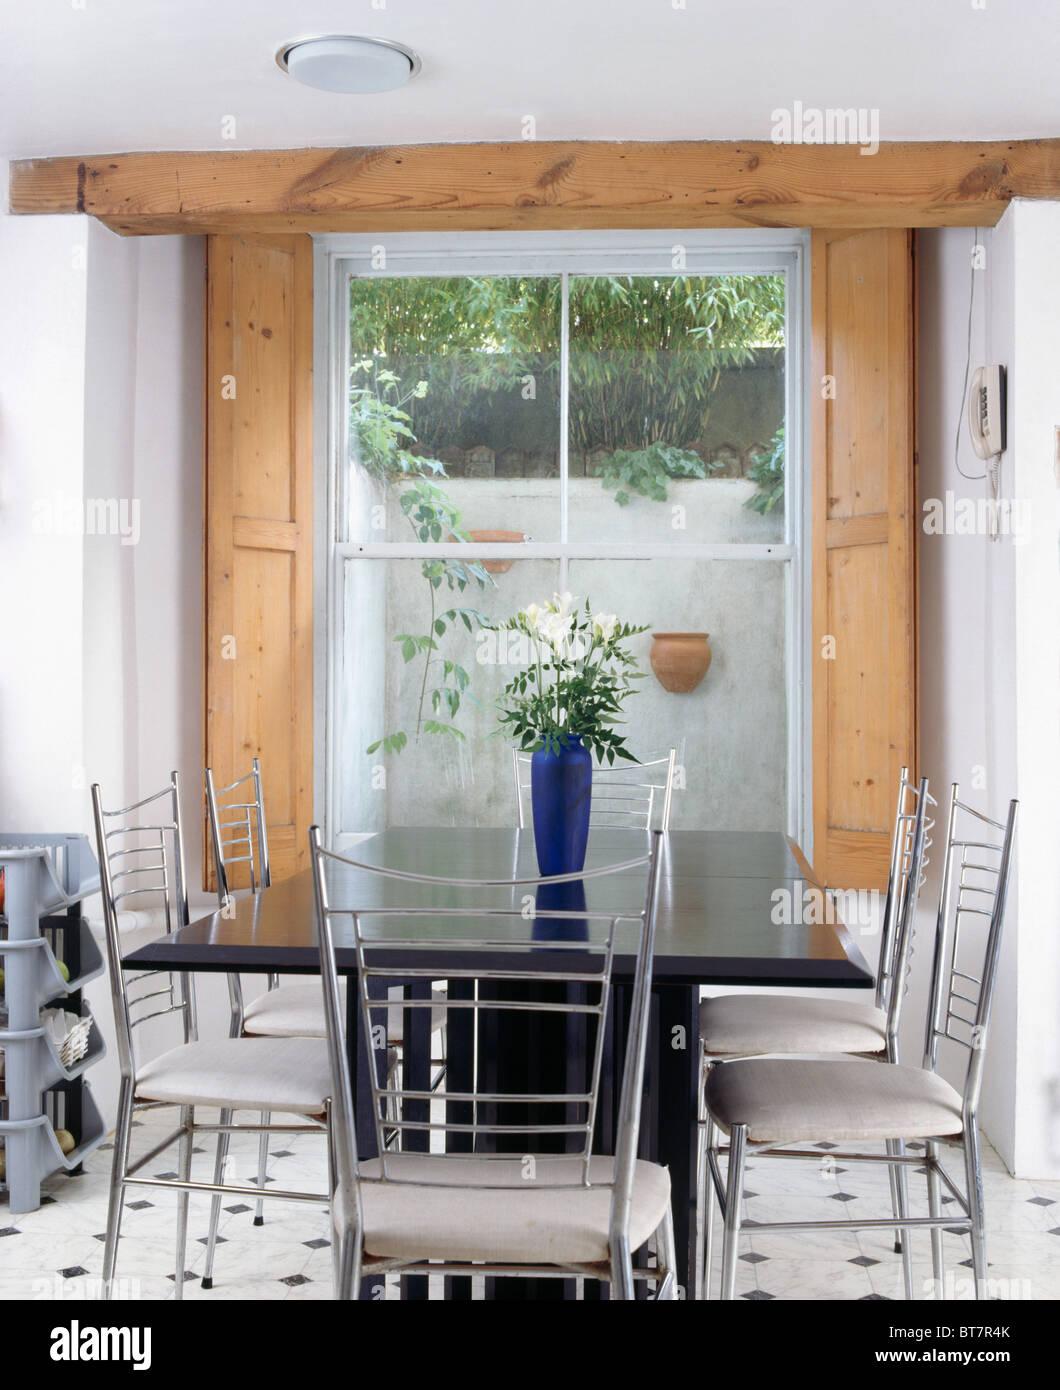 Metall  Und Weiße Stühle Am Schwarzen Tisch Im Modernen Keller Esszimmer  Mit Hölzernen Fensterläden Am Fenster